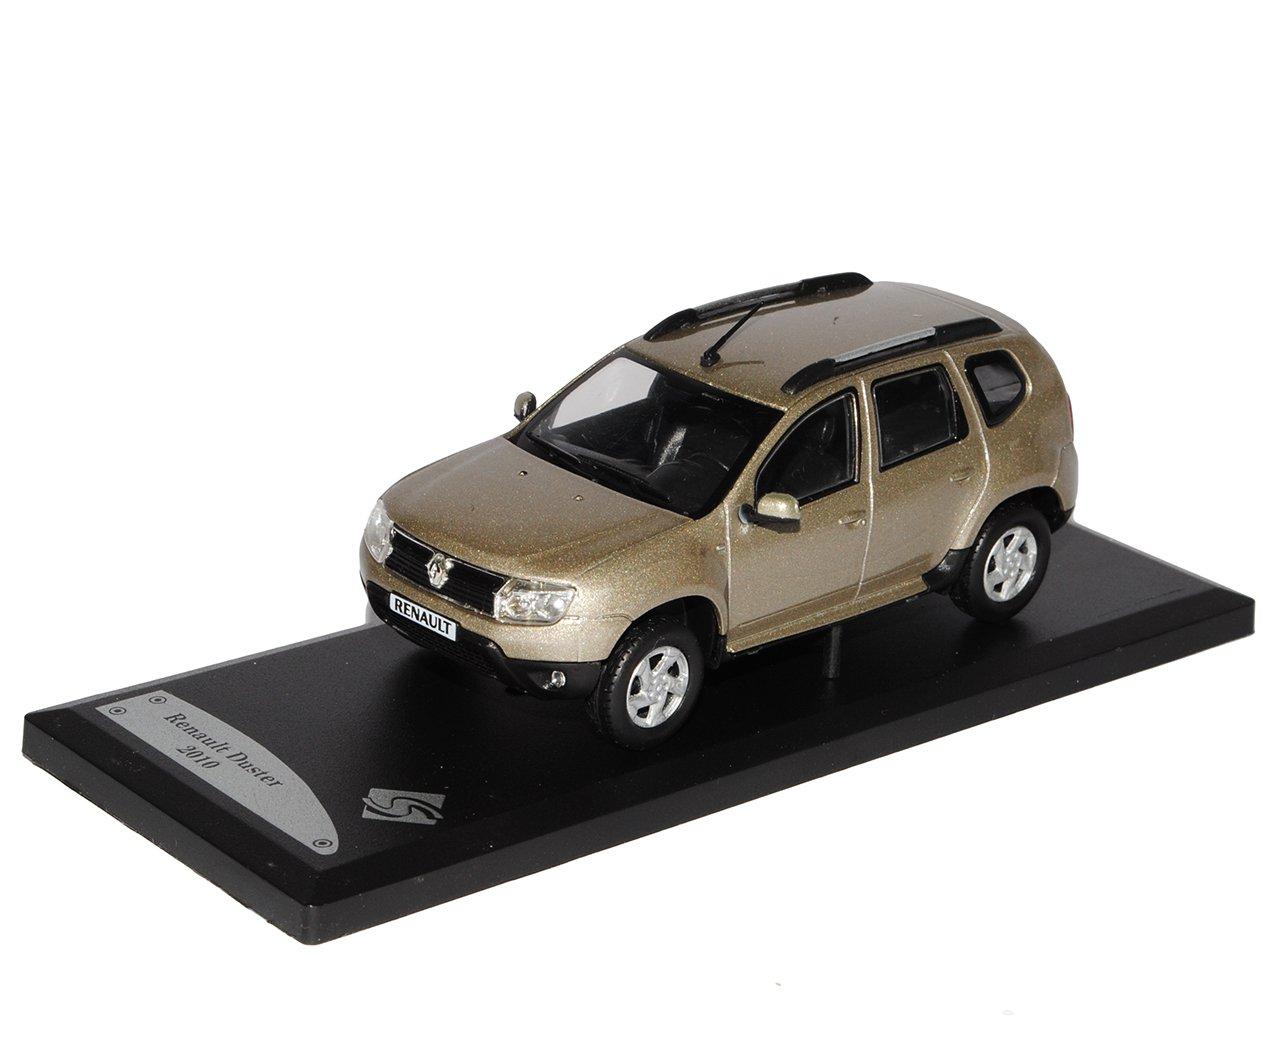 Renault Dacia Duster Ab 2010 Beige 1 43 Solido Modell Auto Modellauto